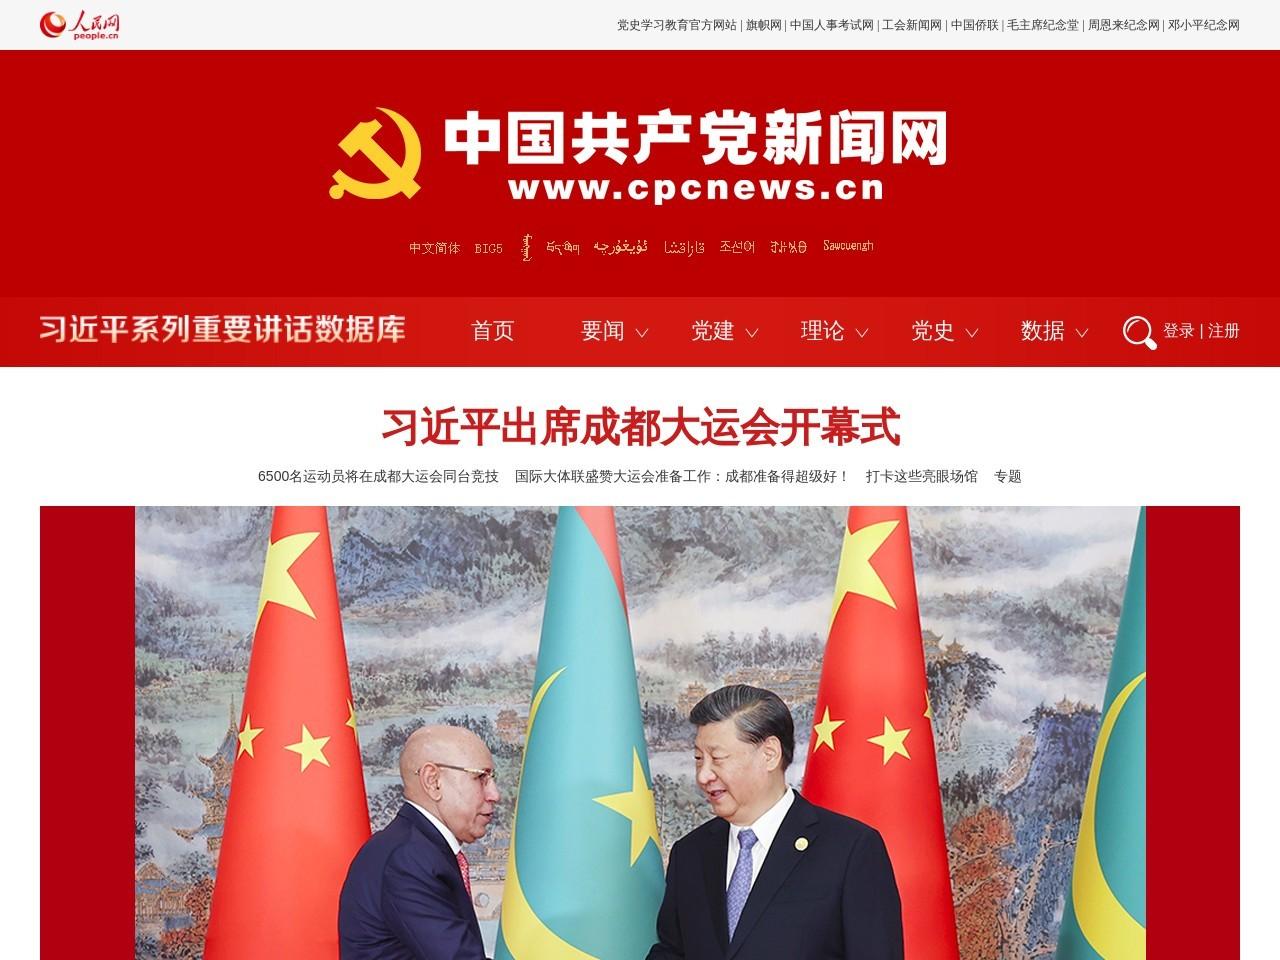 习近平谈军队建设聽这些话振奋人心--独家稿件-中国共产党新闻网